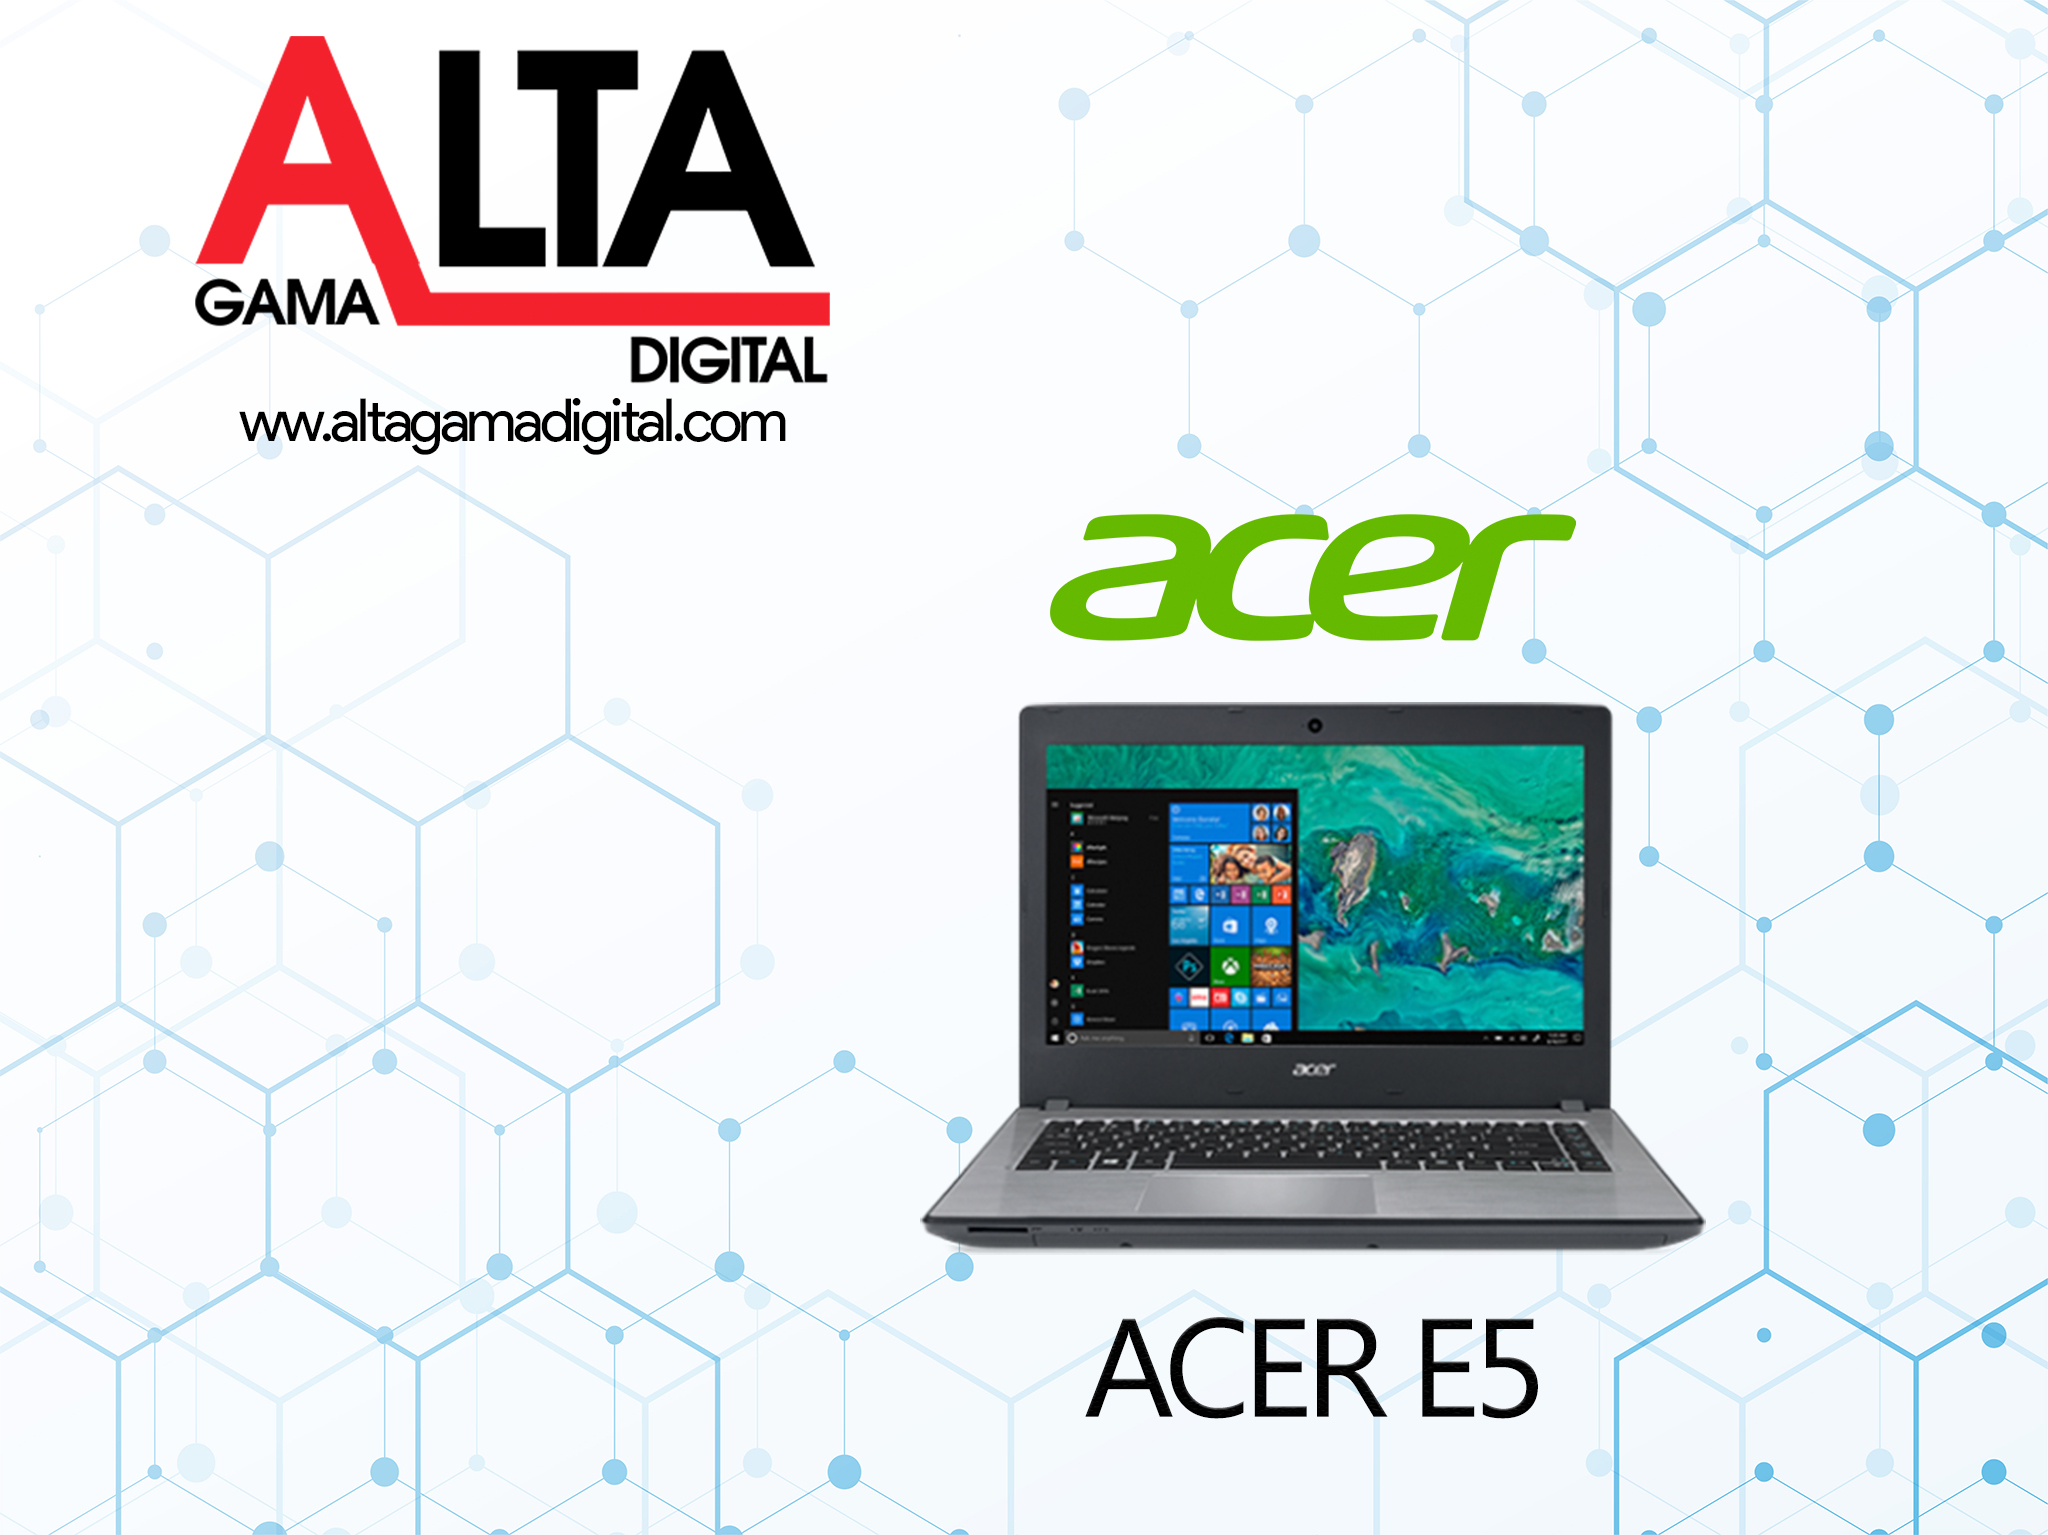 , ACER E5-476G-85SH, 🥇 Portátiles Unilago Bogota 🥇 Alta Gama Digital, 🥇 Portátiles Unilago Bogota 🥇 Alta Gama Digital